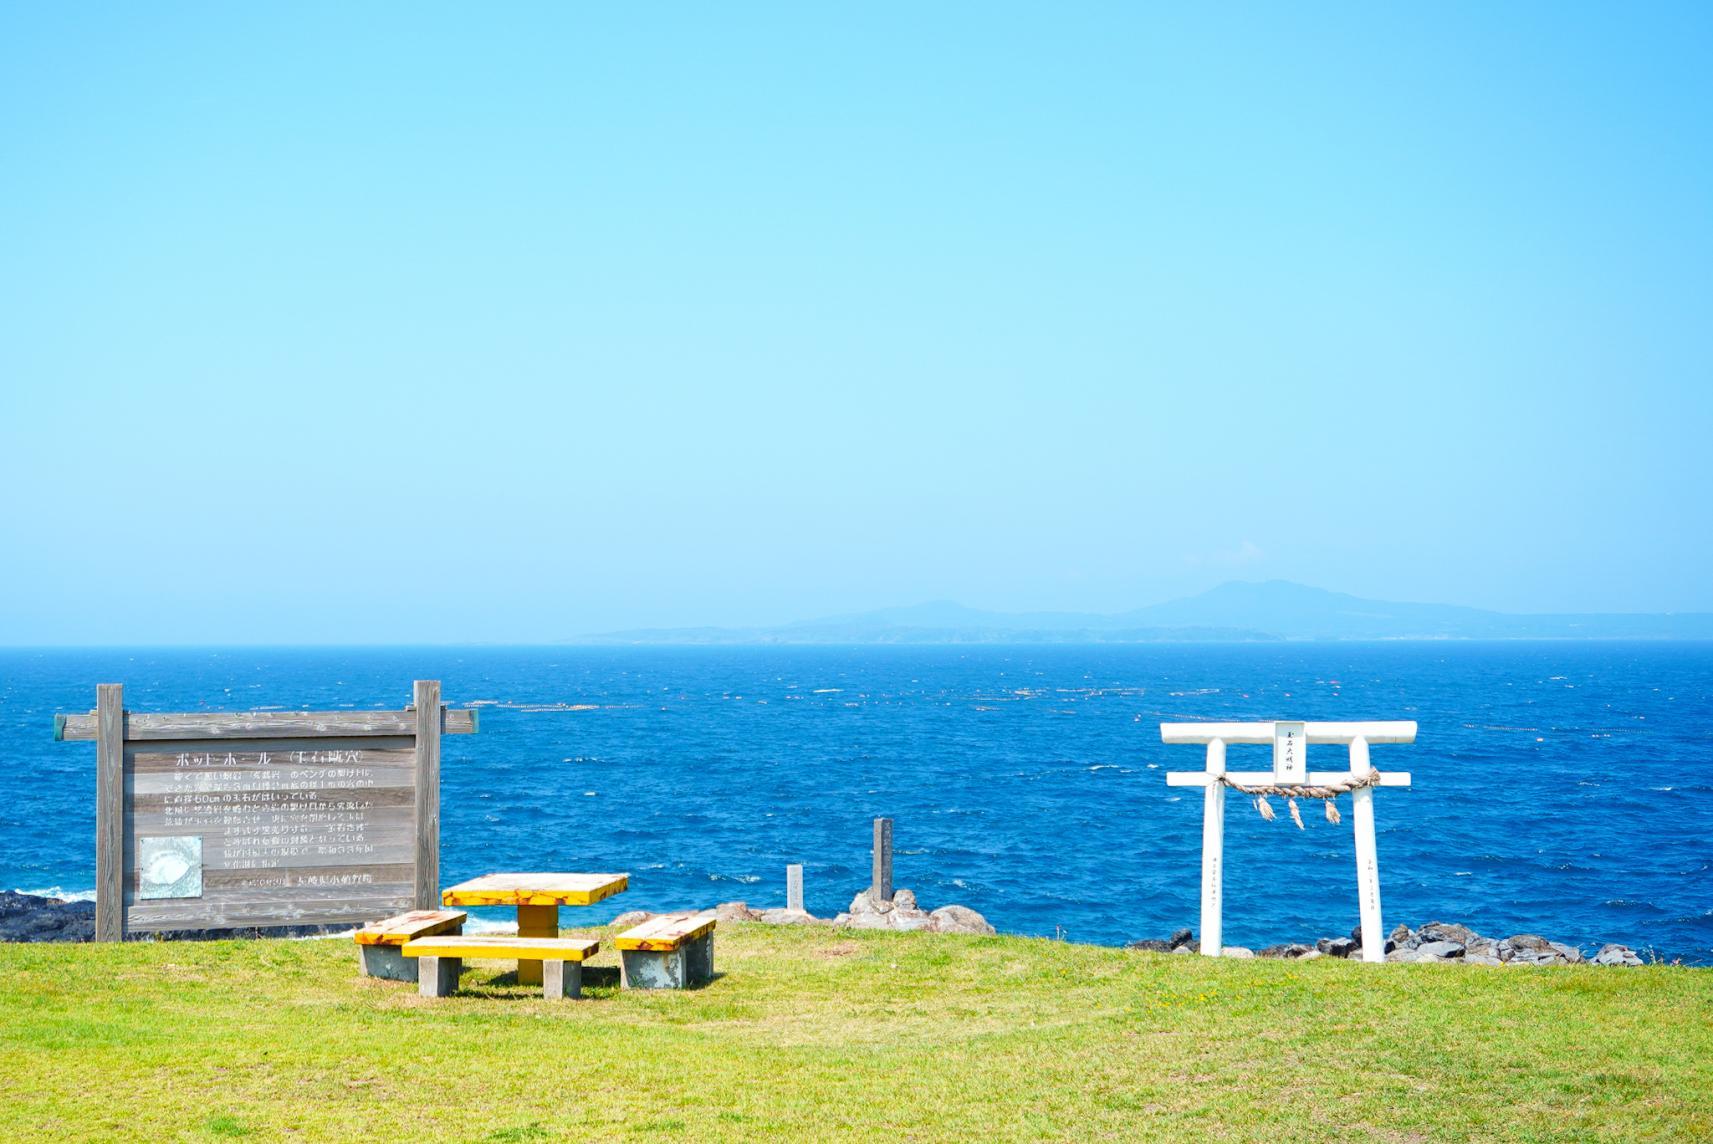 青と白と緑のコントラスト!斑島の「ポットホール」-1